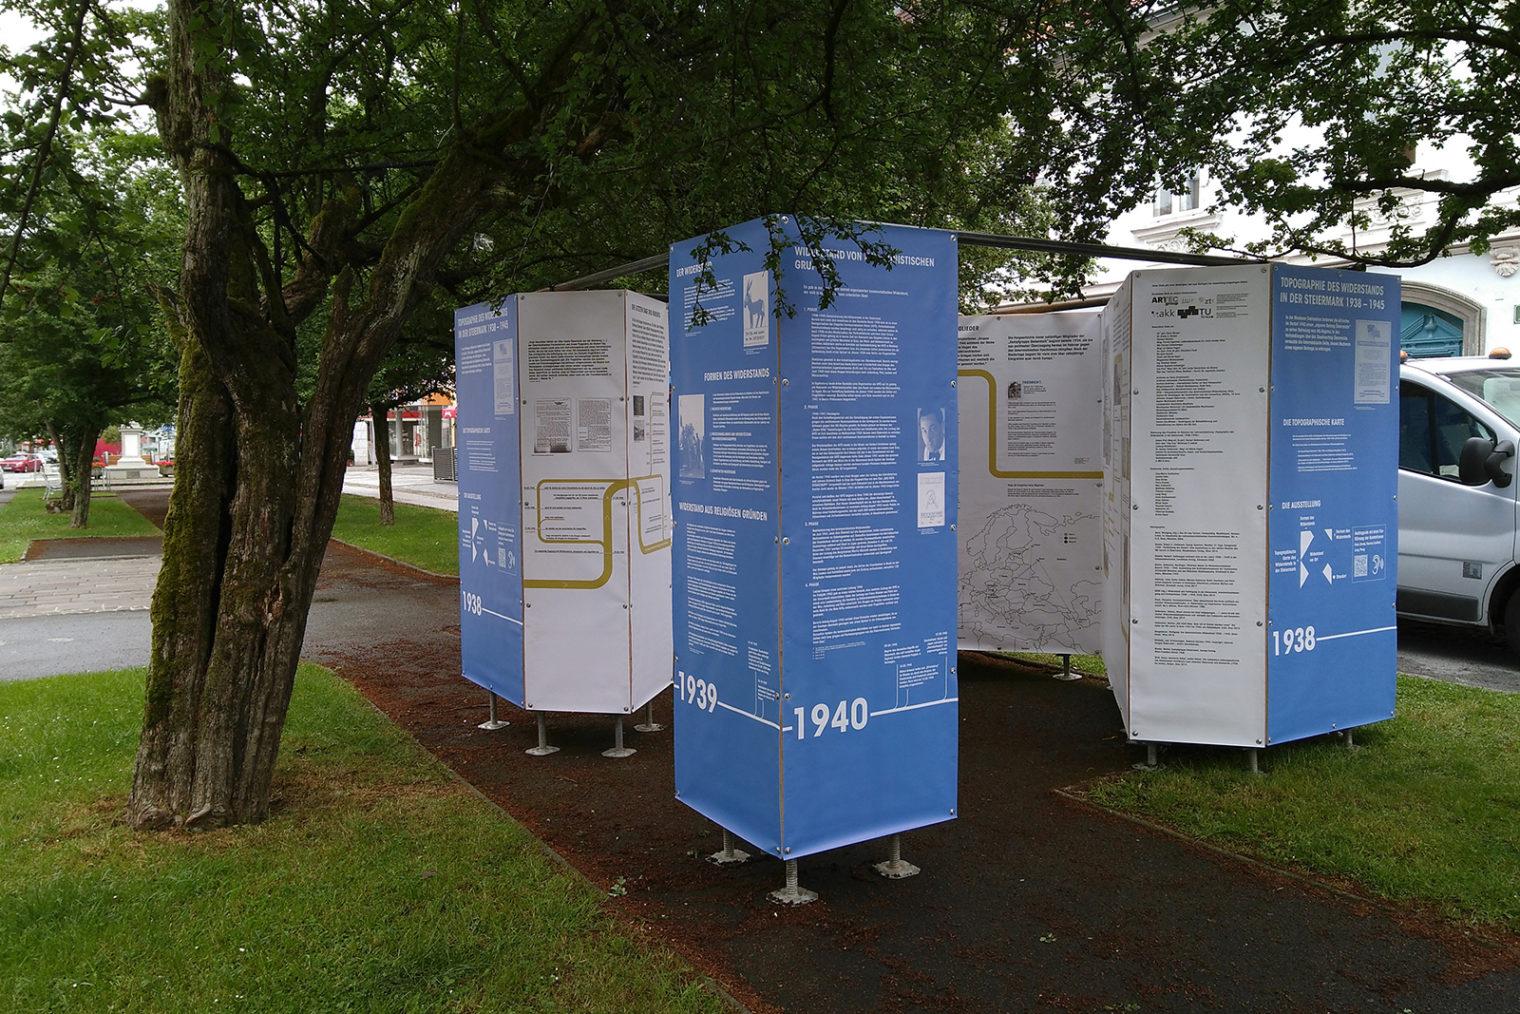 Ausstellung der Tpografie des Widerstand in einer Parkanlage